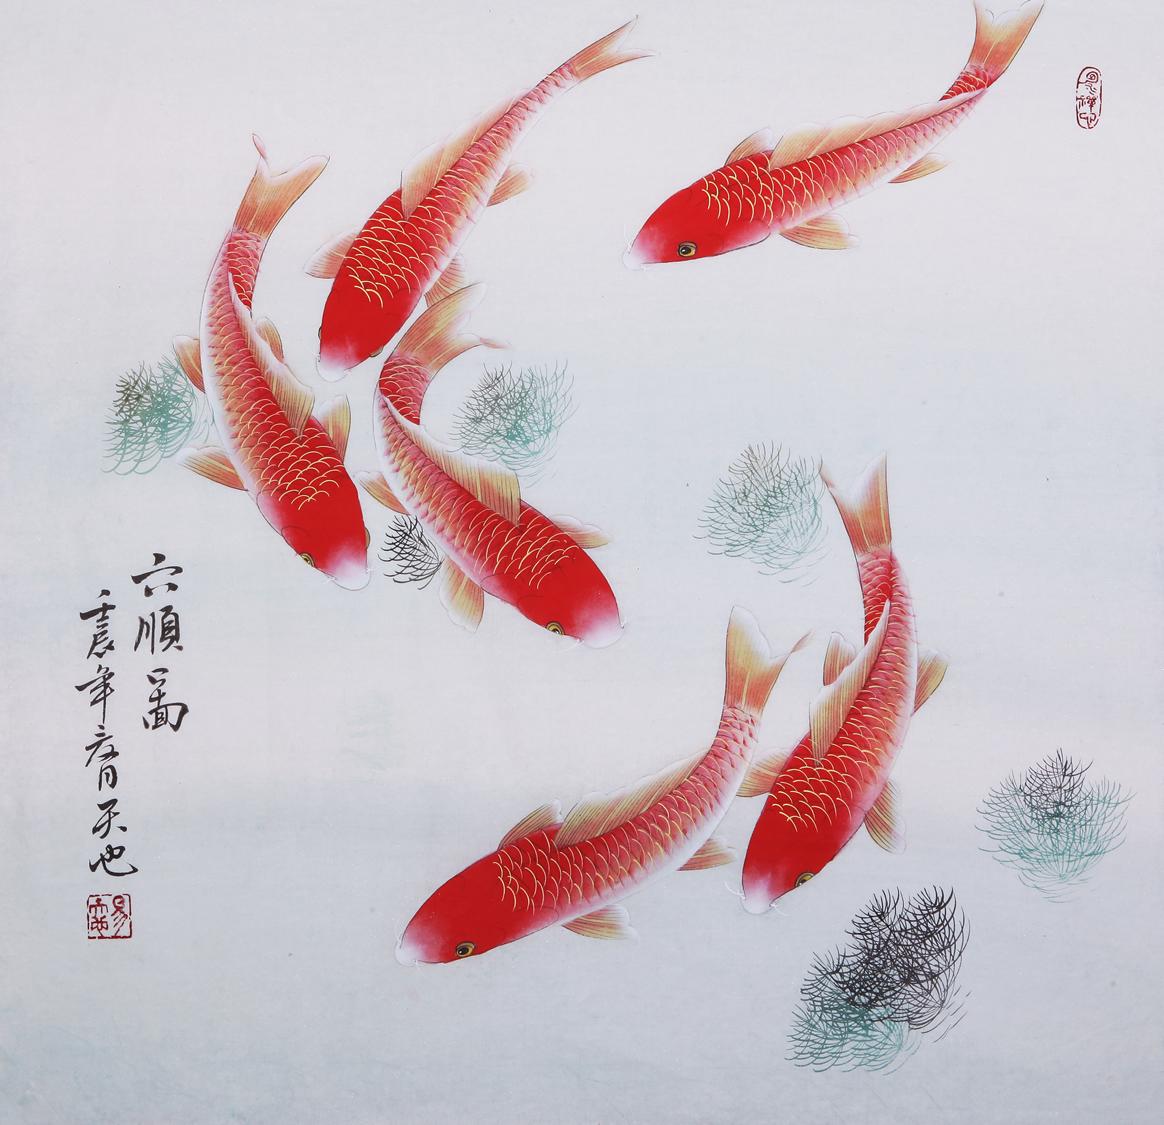 """亦可寓意女孩的美好未来,富贵人生 此幅作品以""""鲤鱼""""为题材,用工笔"""